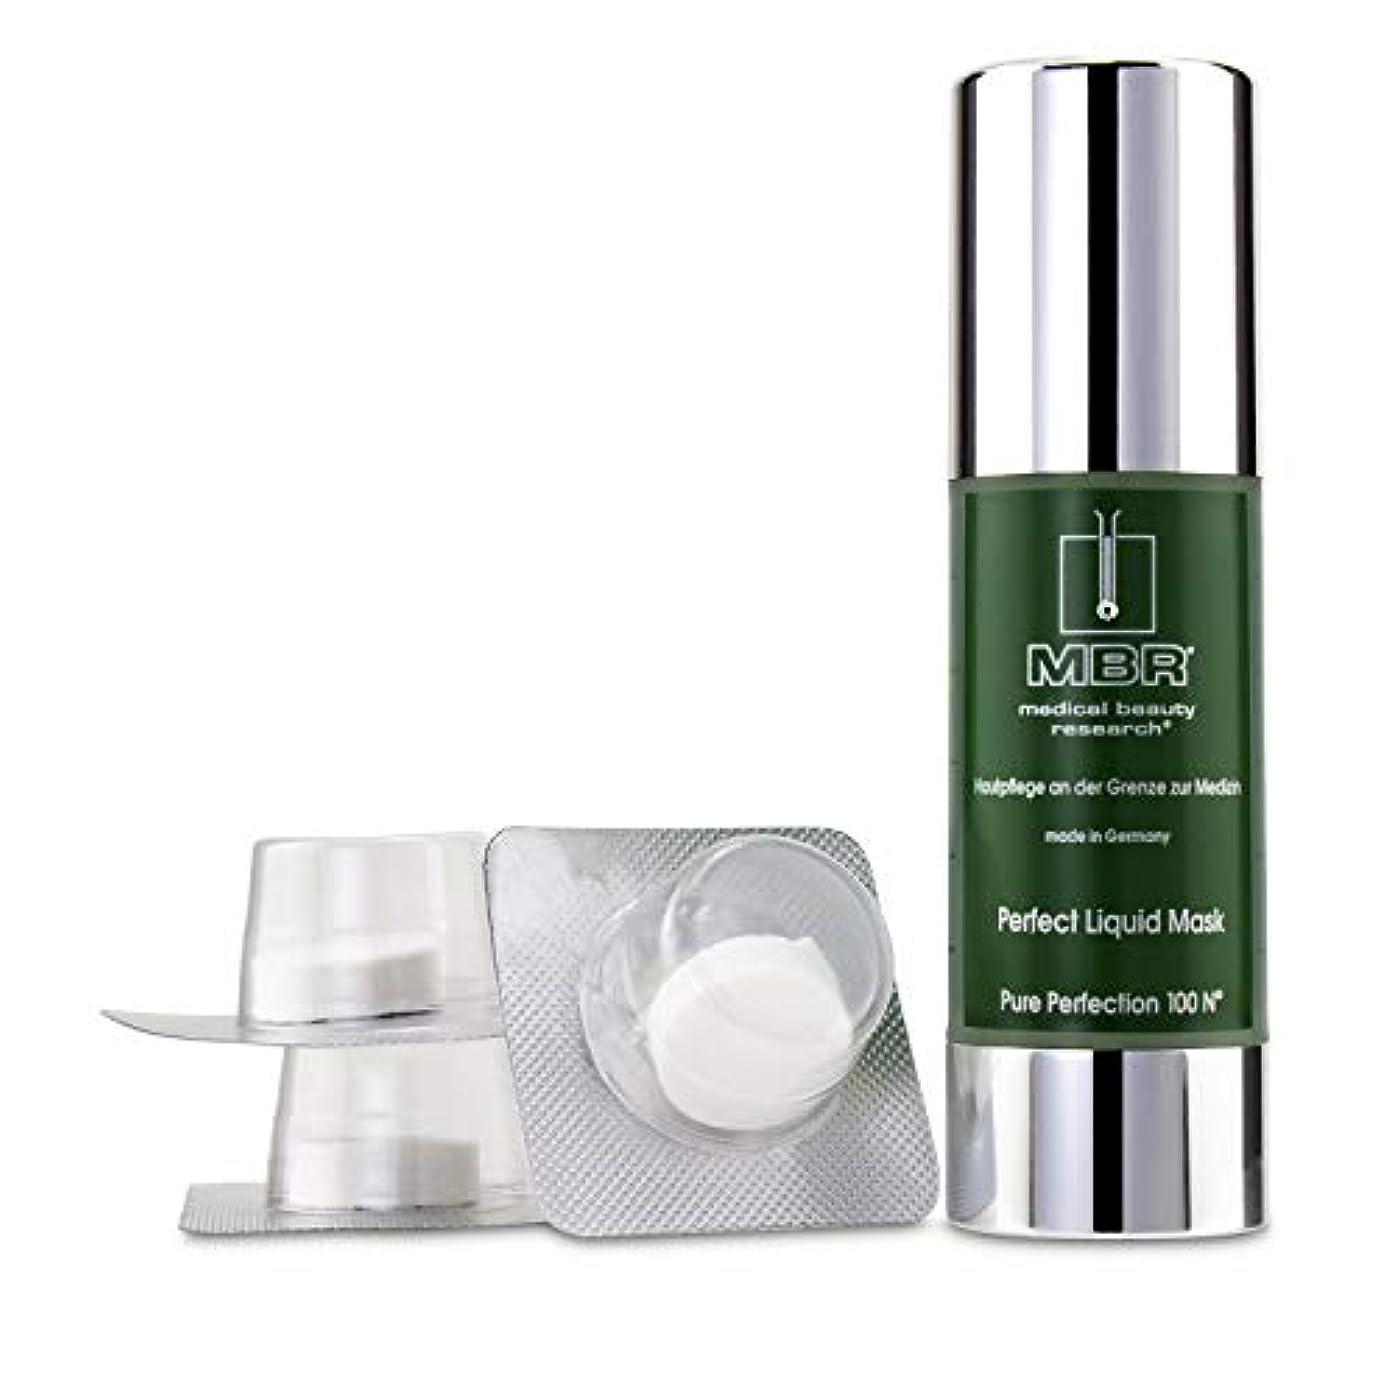 スチール放射する経済MBR Medical Beauty Research Pure Perfection 100N Perfect Liquid Mask 6applications並行輸入品